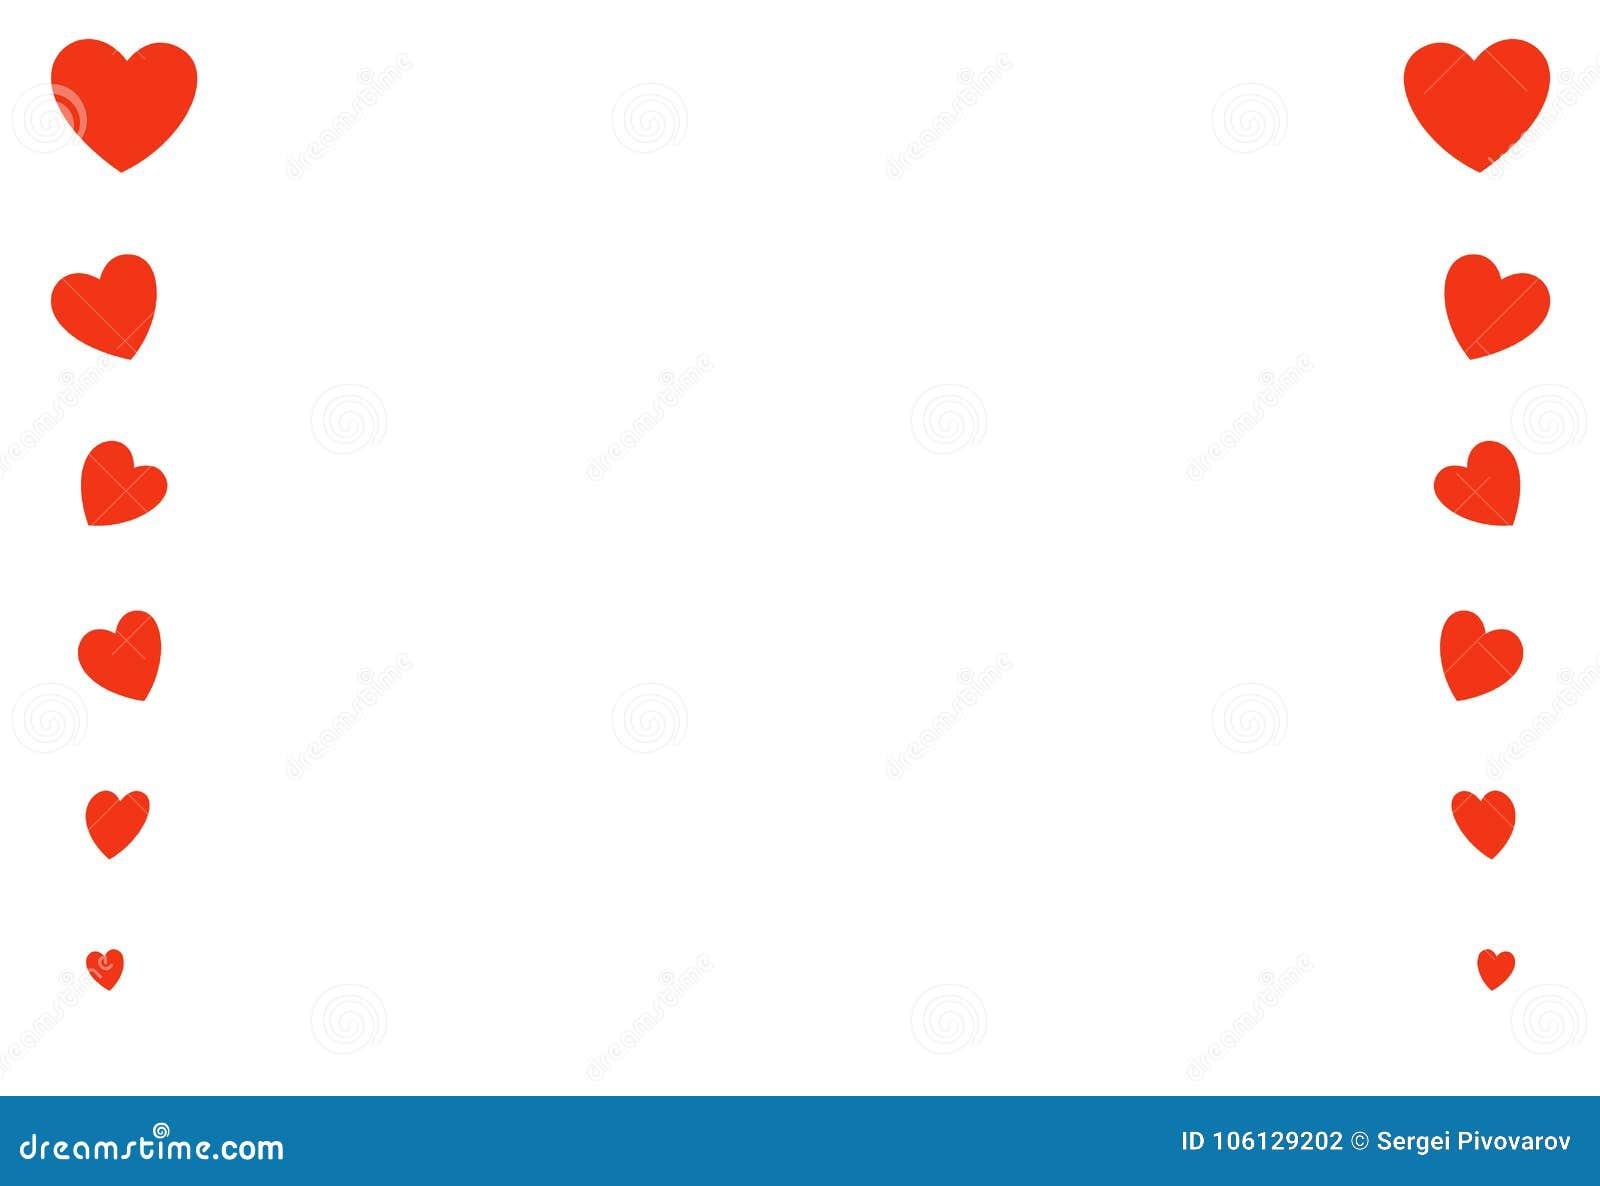 Καρδιών κόκκινος κάθετος γραμμών γάμος ημέρας βαλεντίνων διακοσμήσεων πλαισίων εορταστικός, σύμβολο μορφής από μεγάλο